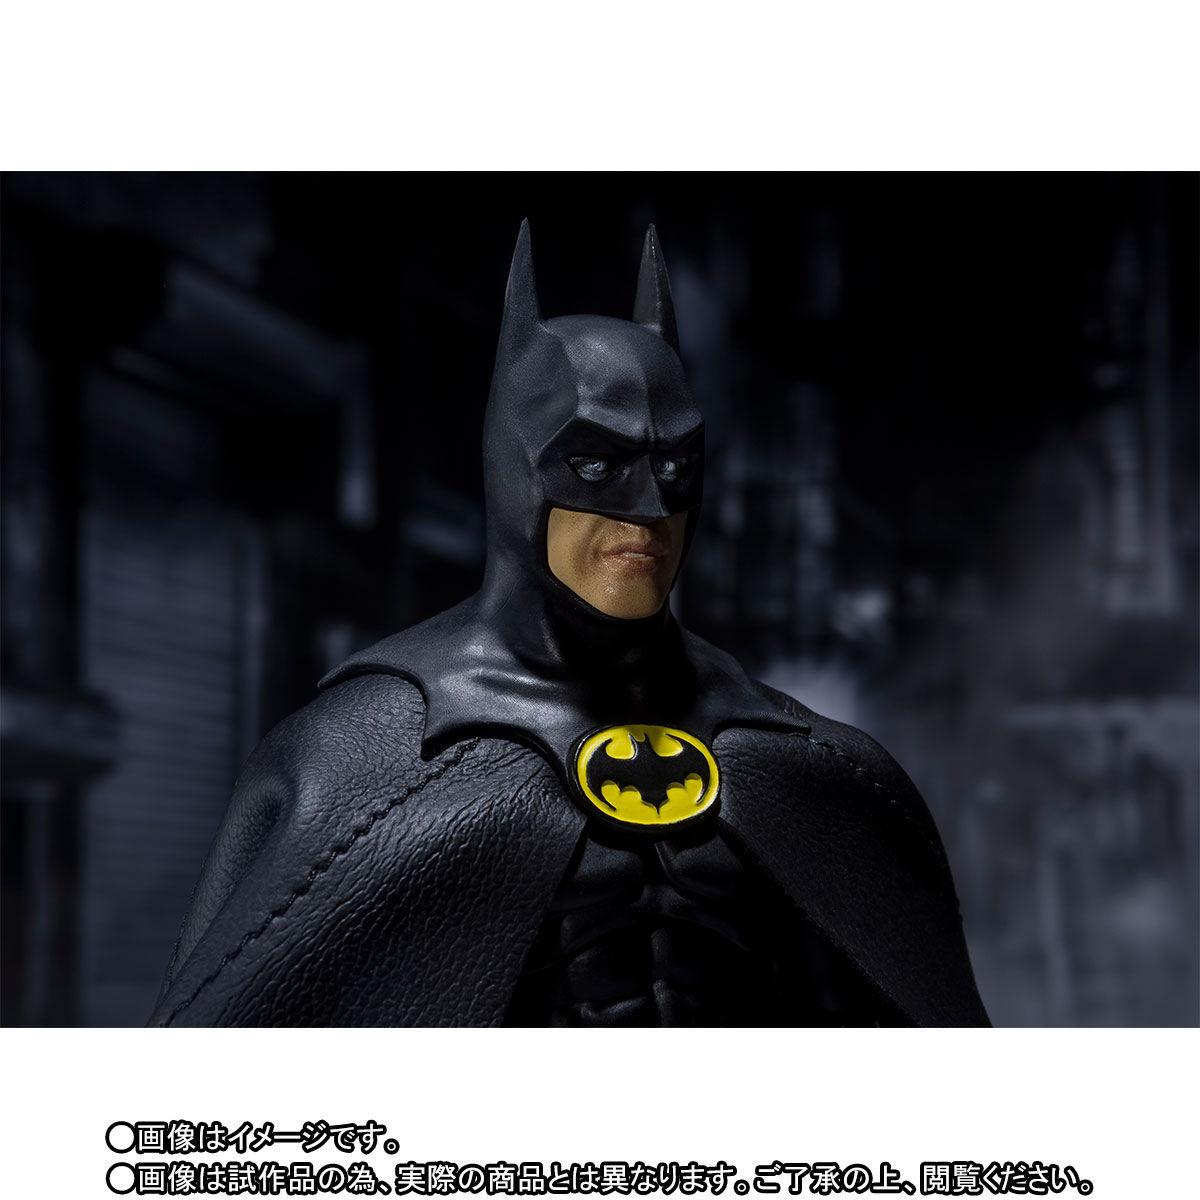 【限定販売】S.H.Figuarts『バットマン(BATMAN 1989)』可動フィギュア-007